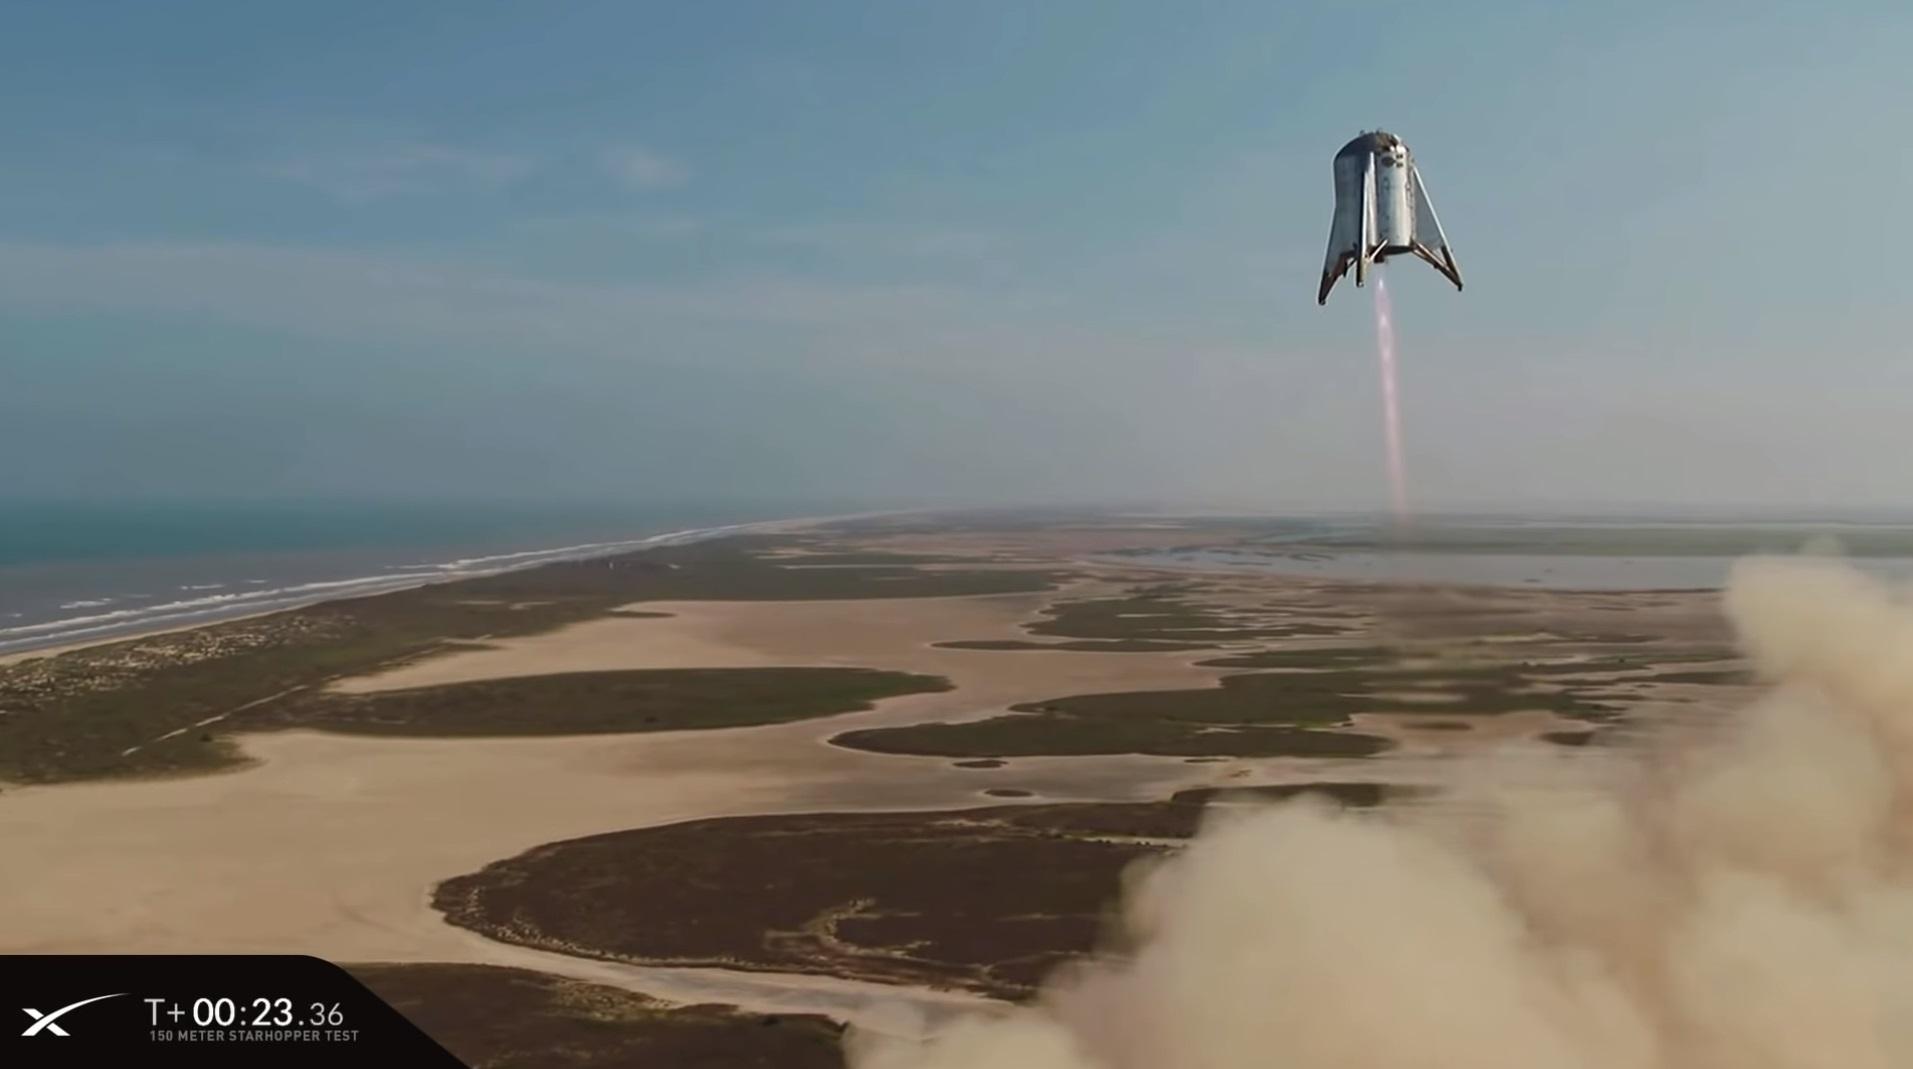 SpaceX провела летные испытания прототипа ракеты Starship — взлет на высоту 150 метров и мягкая посадка на площадку - 4